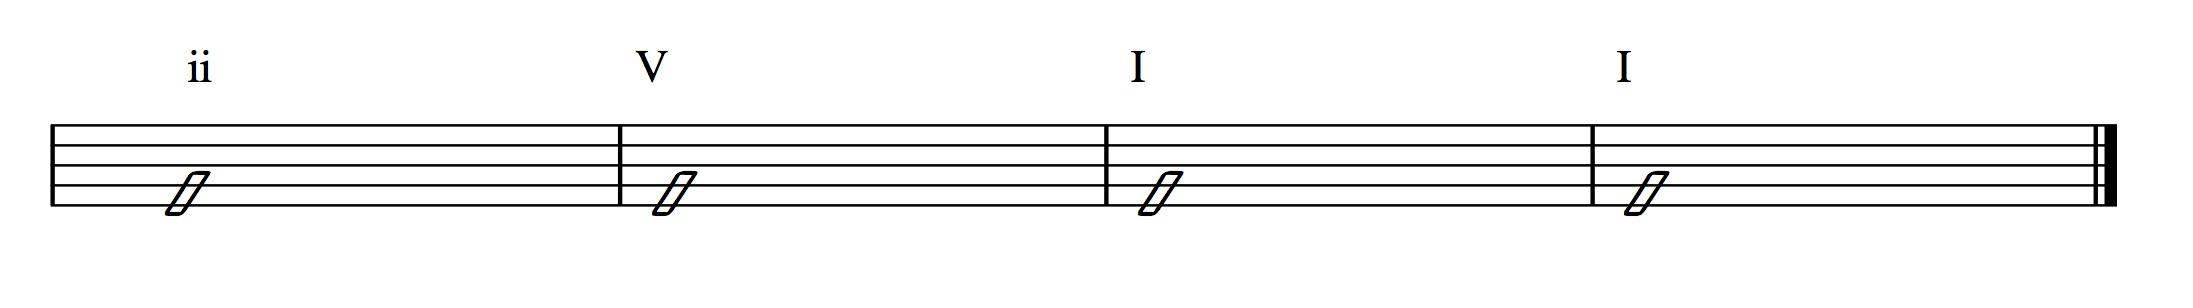 Chord Progression 2 5 1